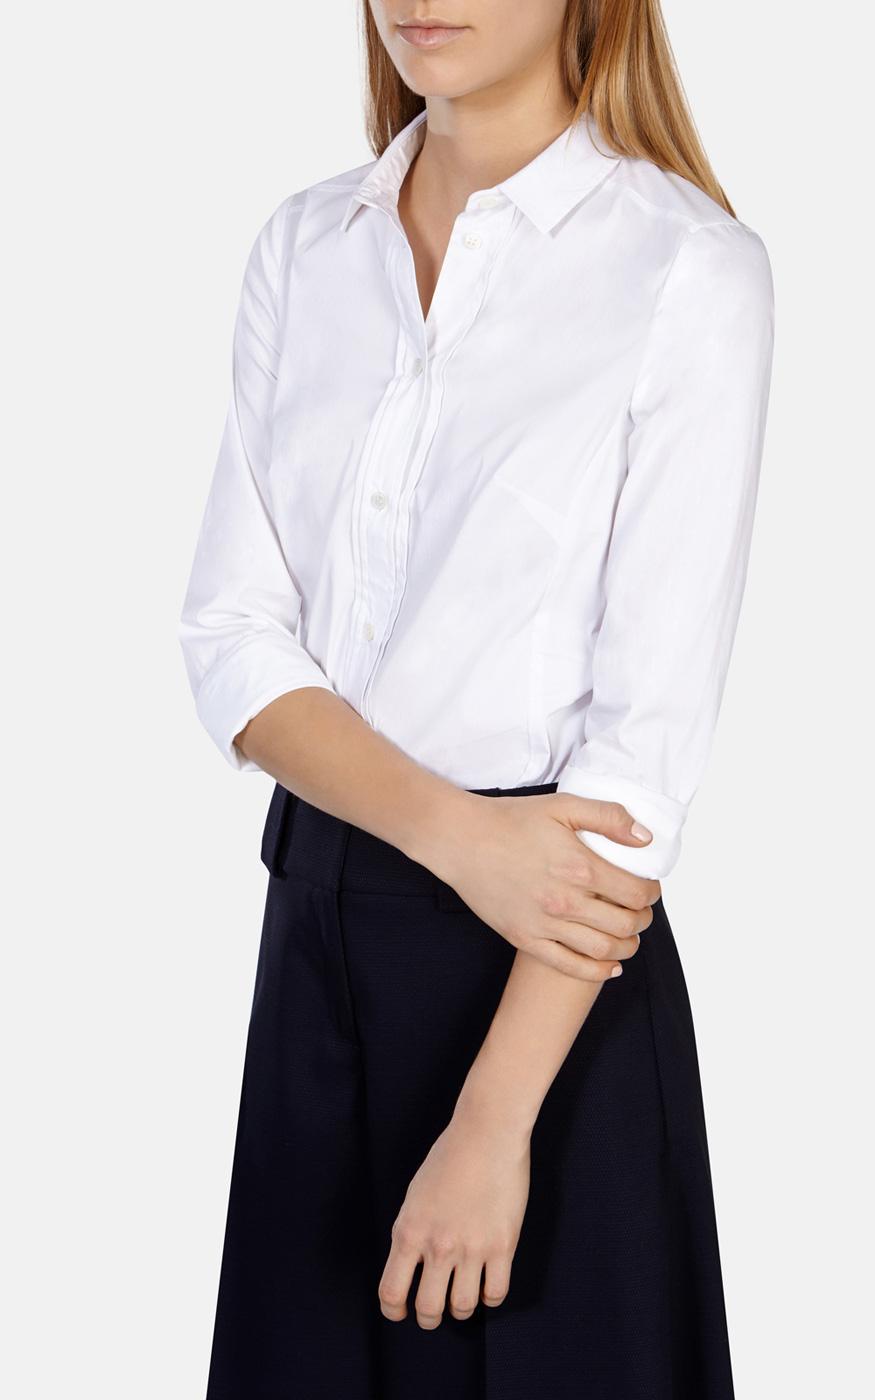 Karen Millen Tailored White Shirt In White Lyst